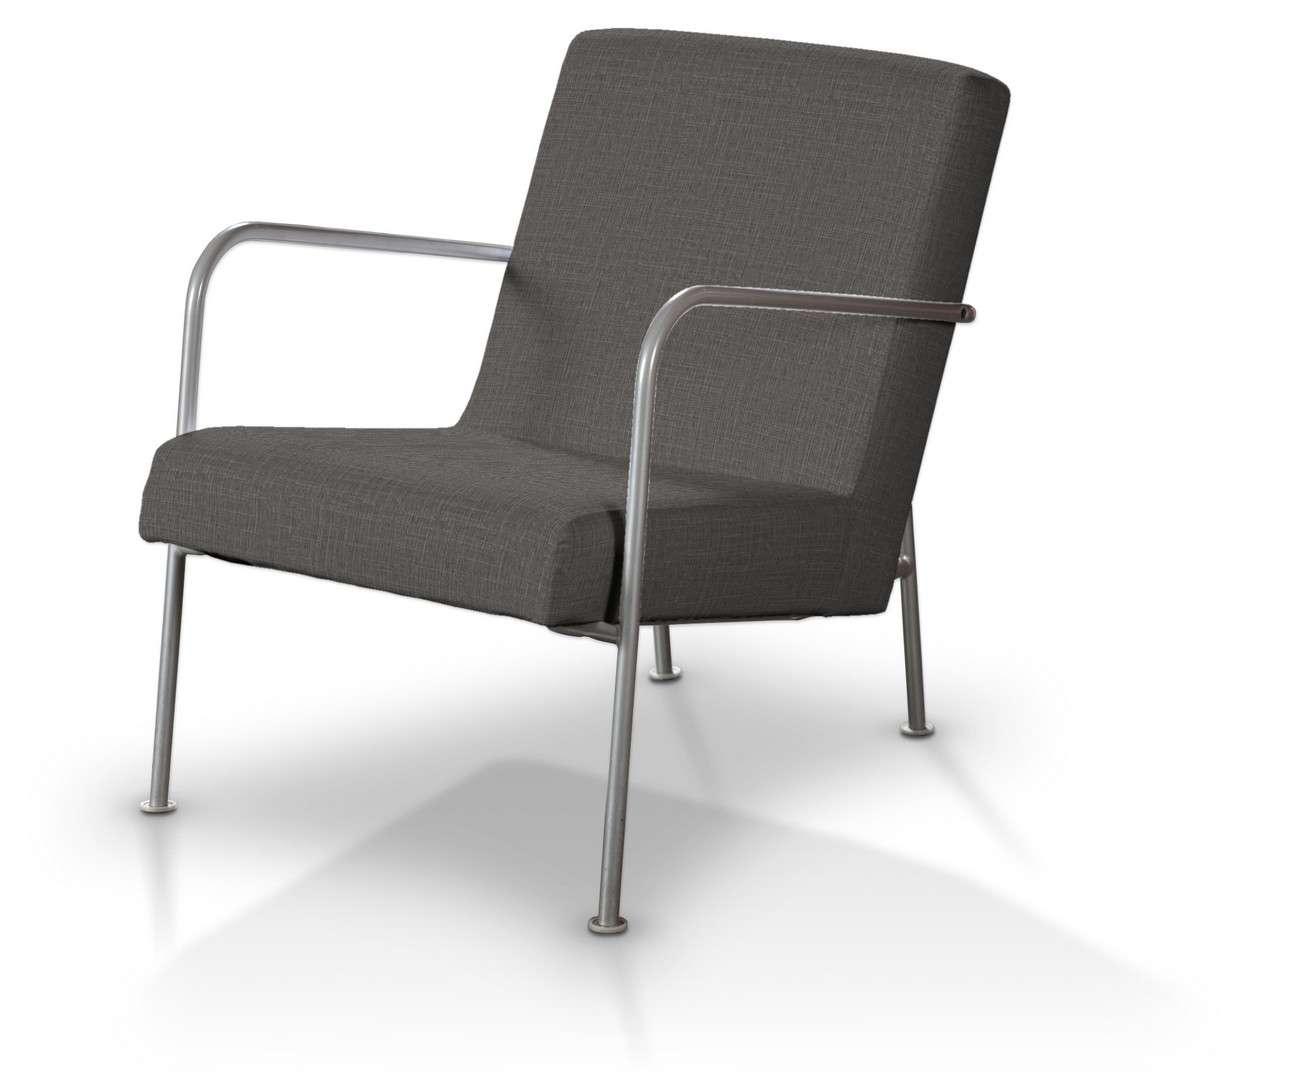 Huzat Ikea PS fotelhez a kollekcióból Living 2, Dekoranyag: 161-16